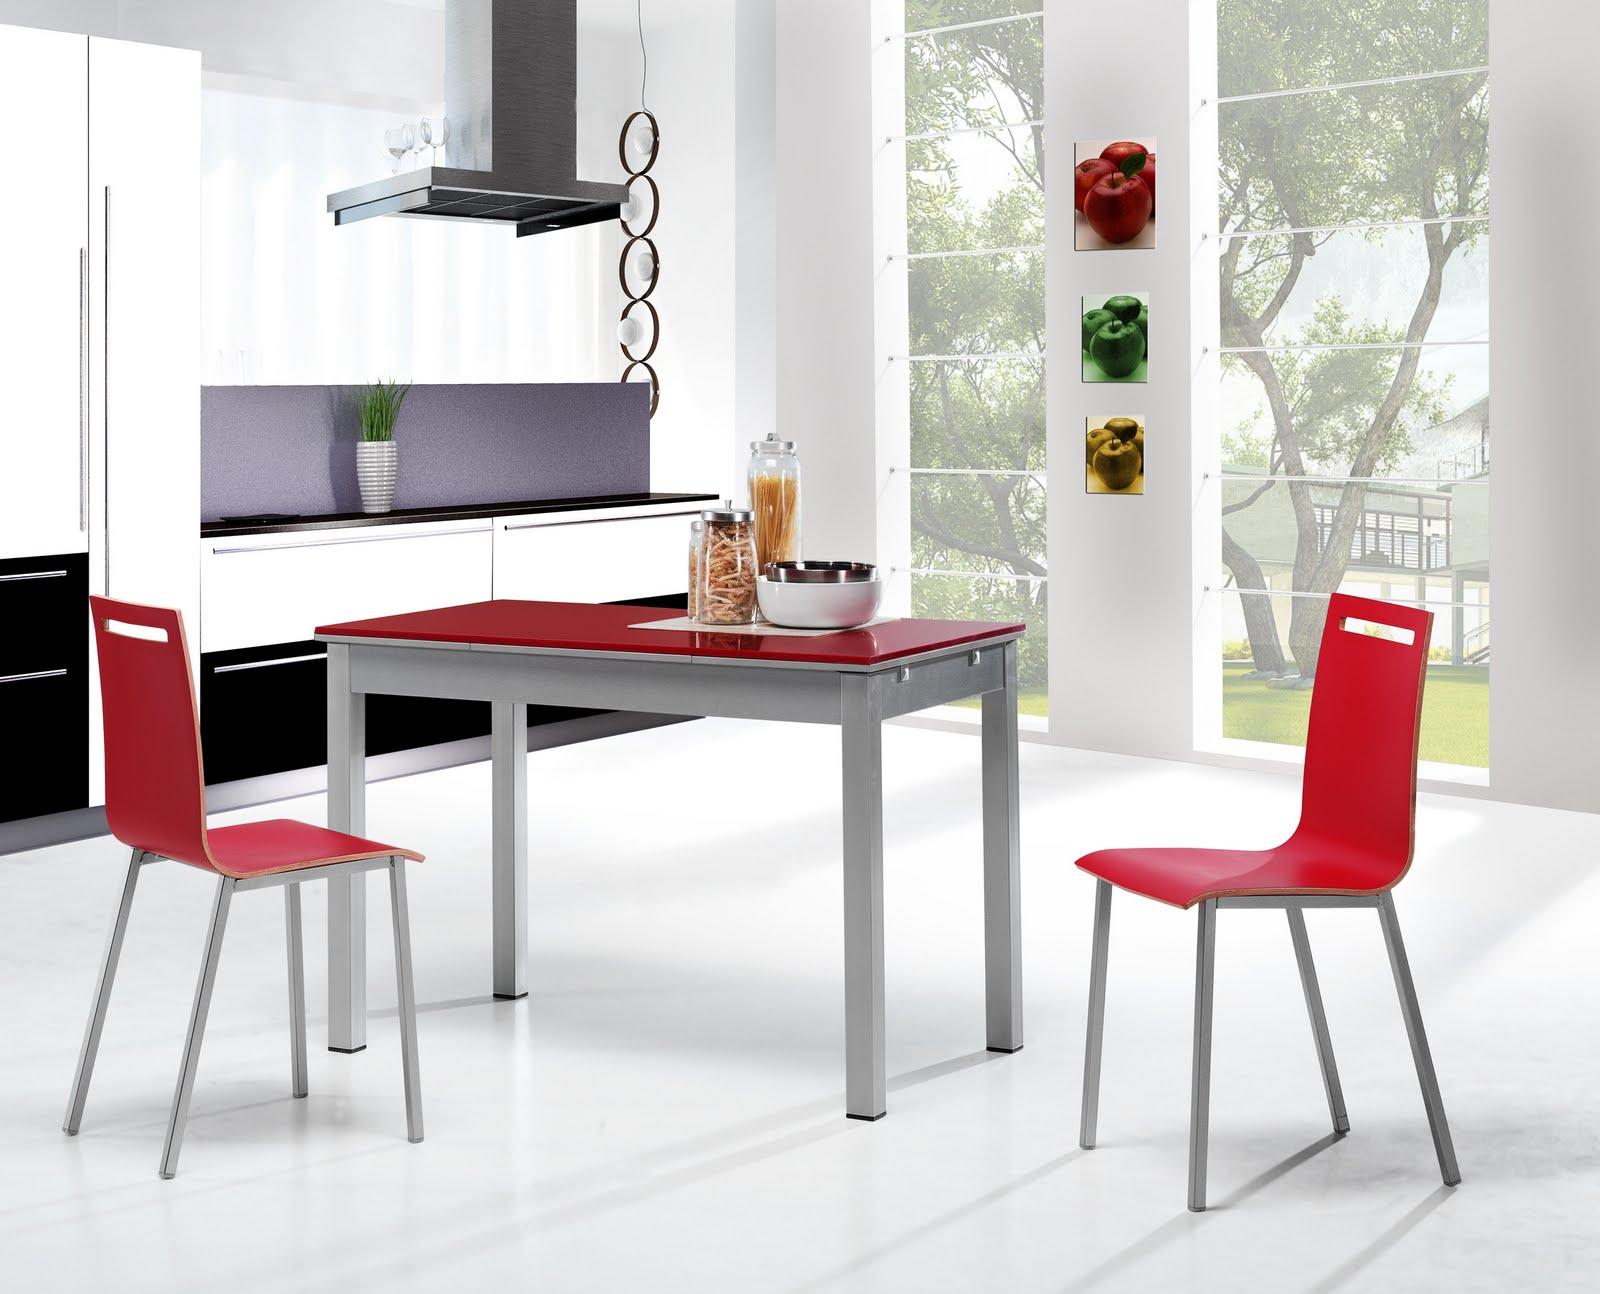 Dise o y decoraci n de cocinas novedades en sillas y mesas de la marca holcar - Conforama mesas y sillas ...